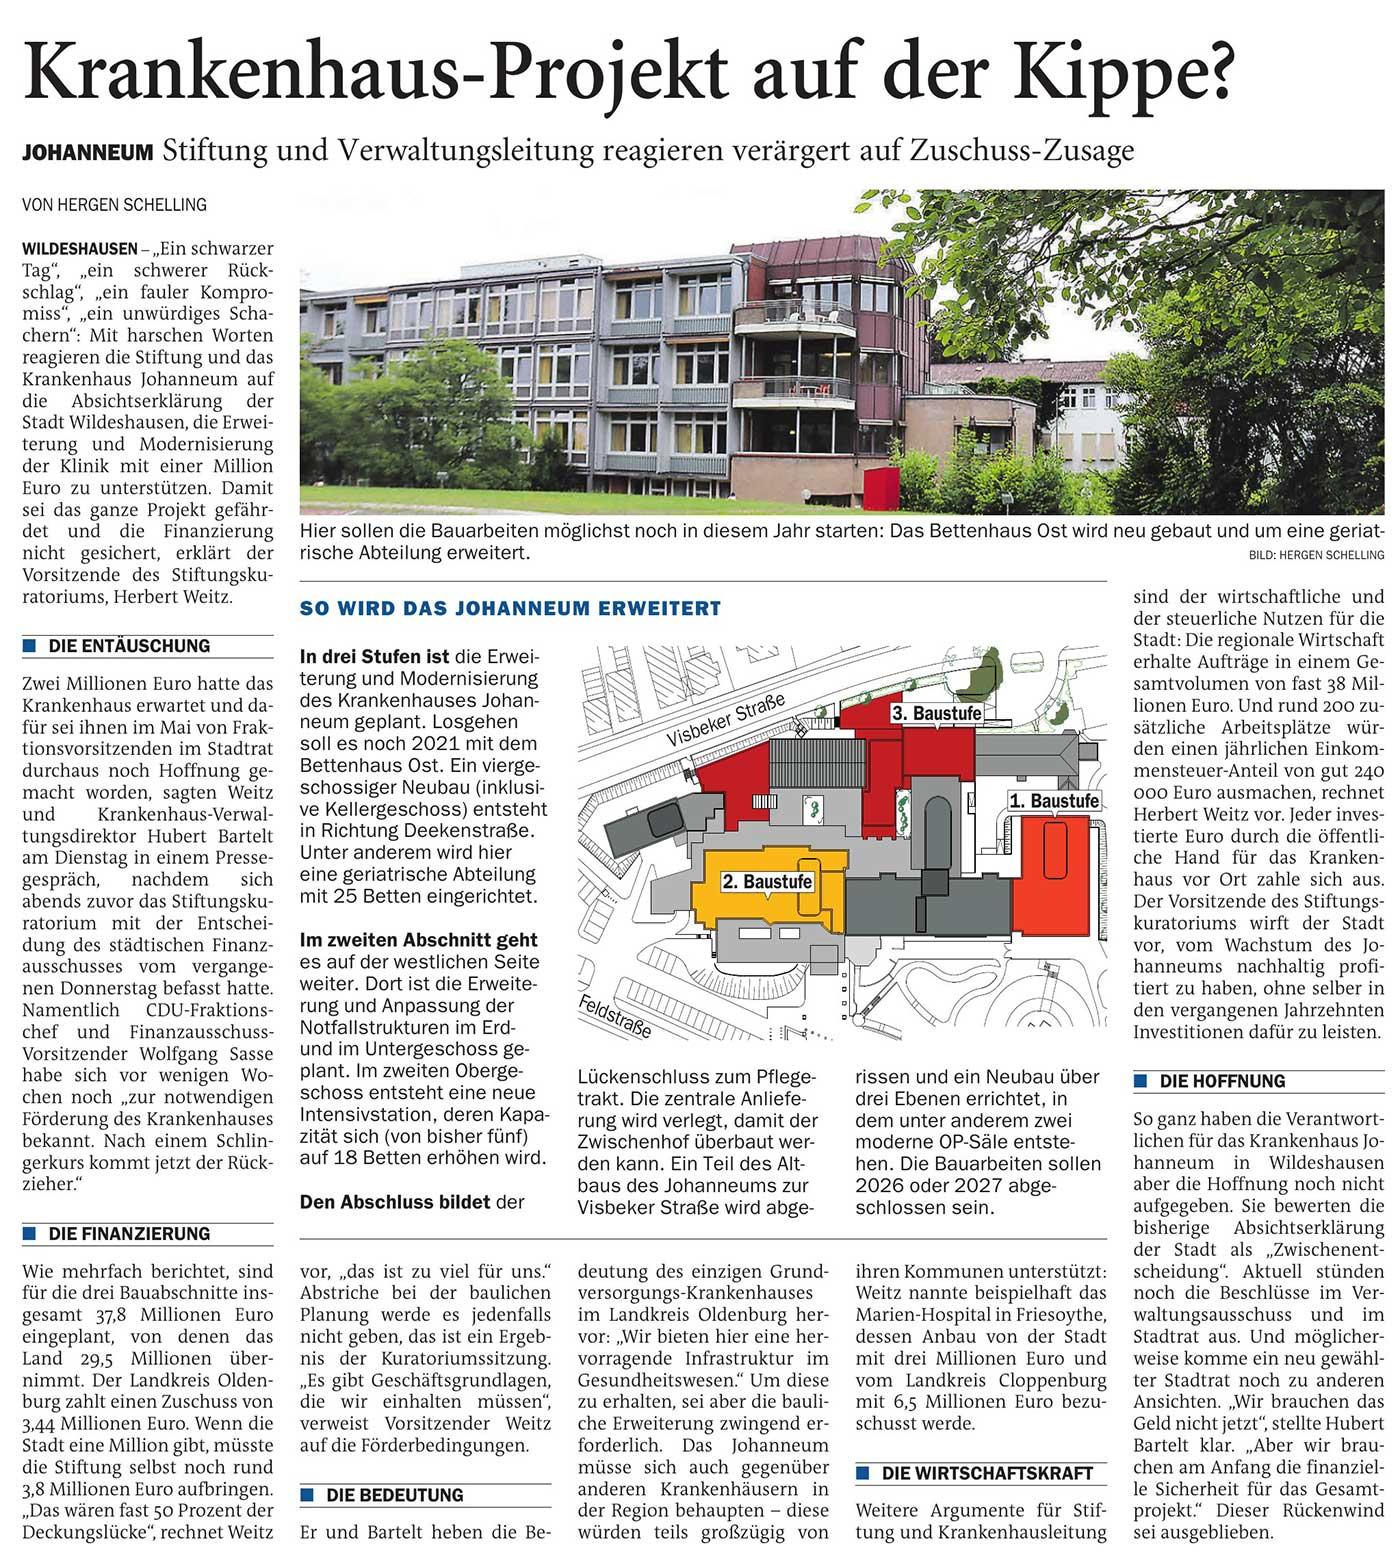 Krankenhaus-Projekt auf der Kippe?Johanneum: Stiftung und Verwaltungsleitung reagieren verärgert auf Zuschuss-ZusageArtikel vom 07.07.2021 (NWZ)